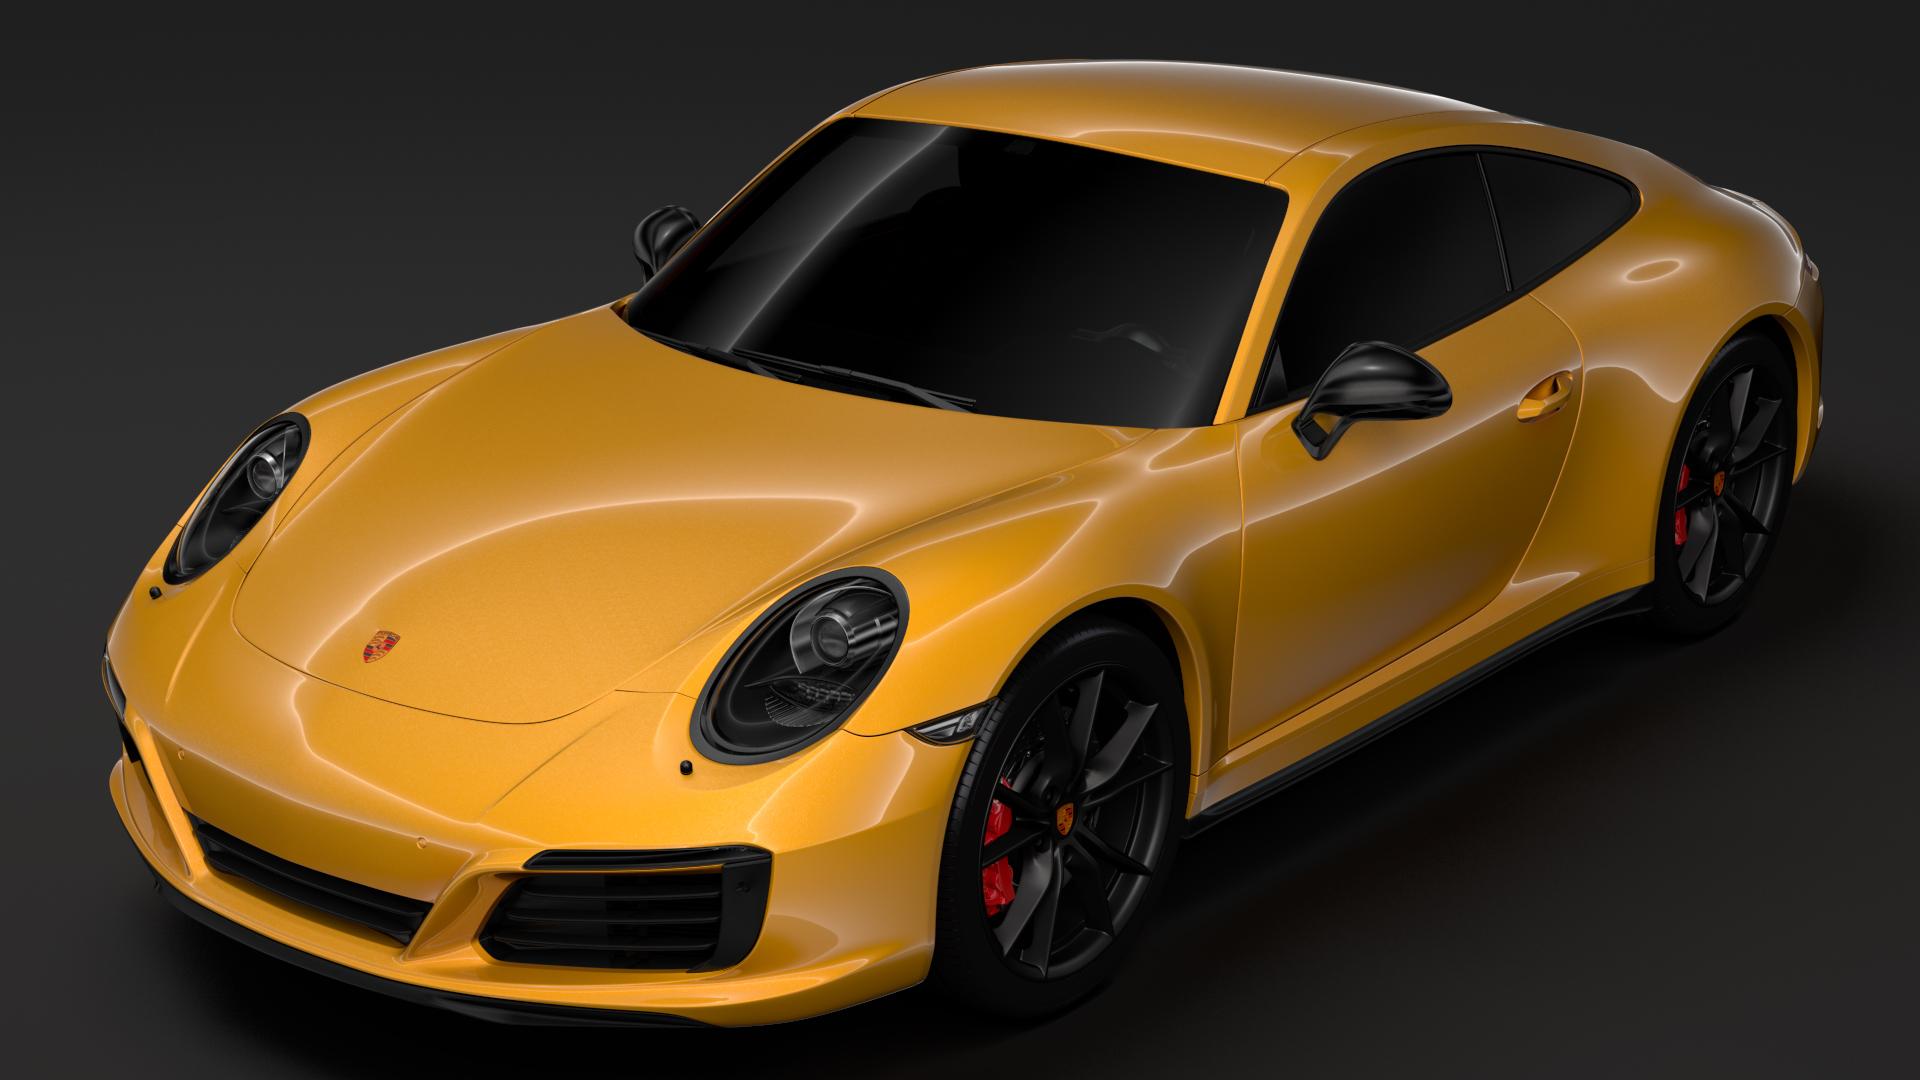 porsche 911 carrera t coupe (991) 2018 3d model max fbx c4d lwo ma mb hrc xsi obj 278961